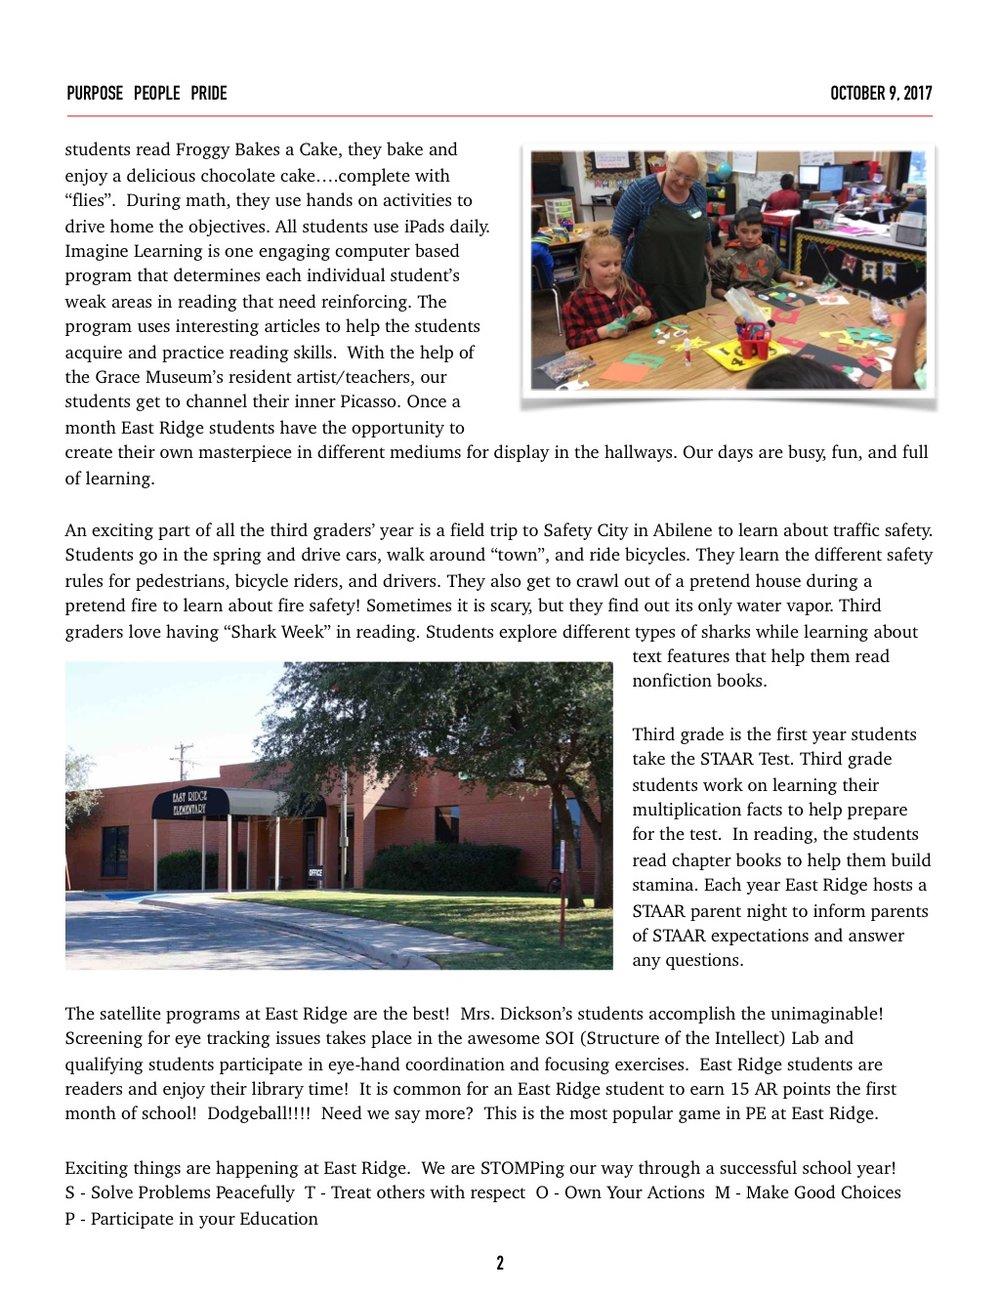 SISD Newsletter October 2017-2.jpg